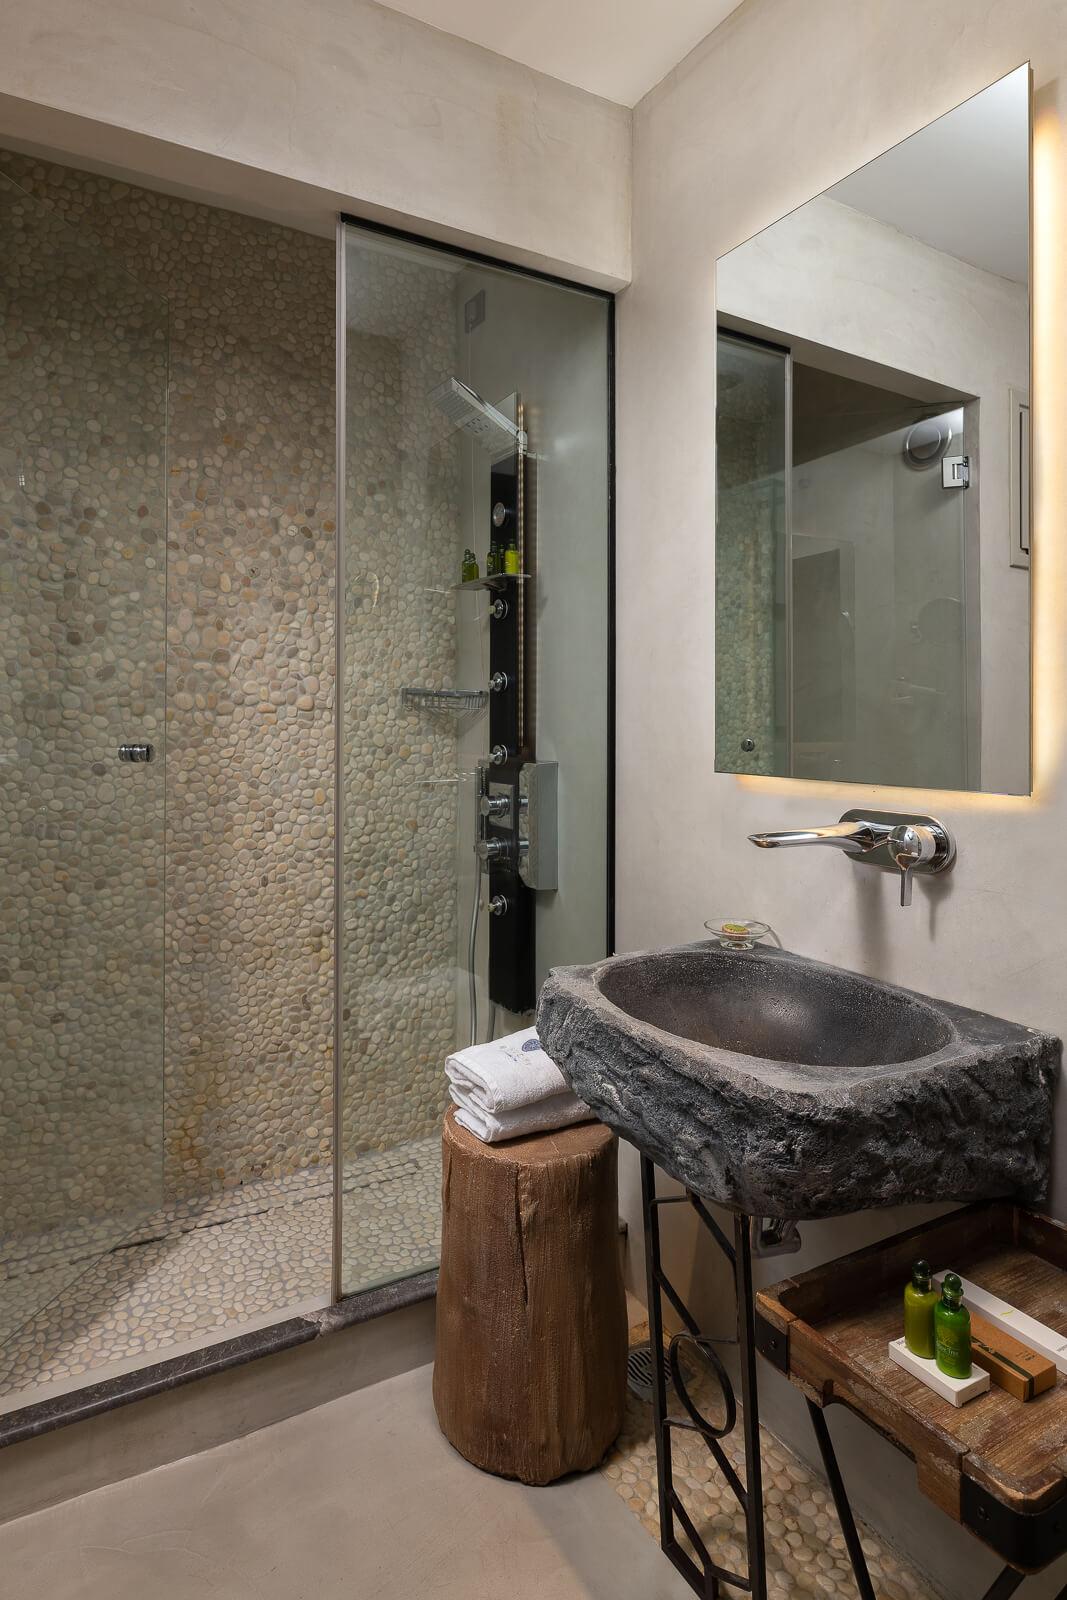 Kavos Hotel Bathroom - Elakati Best Hotel in Rhodes Greece